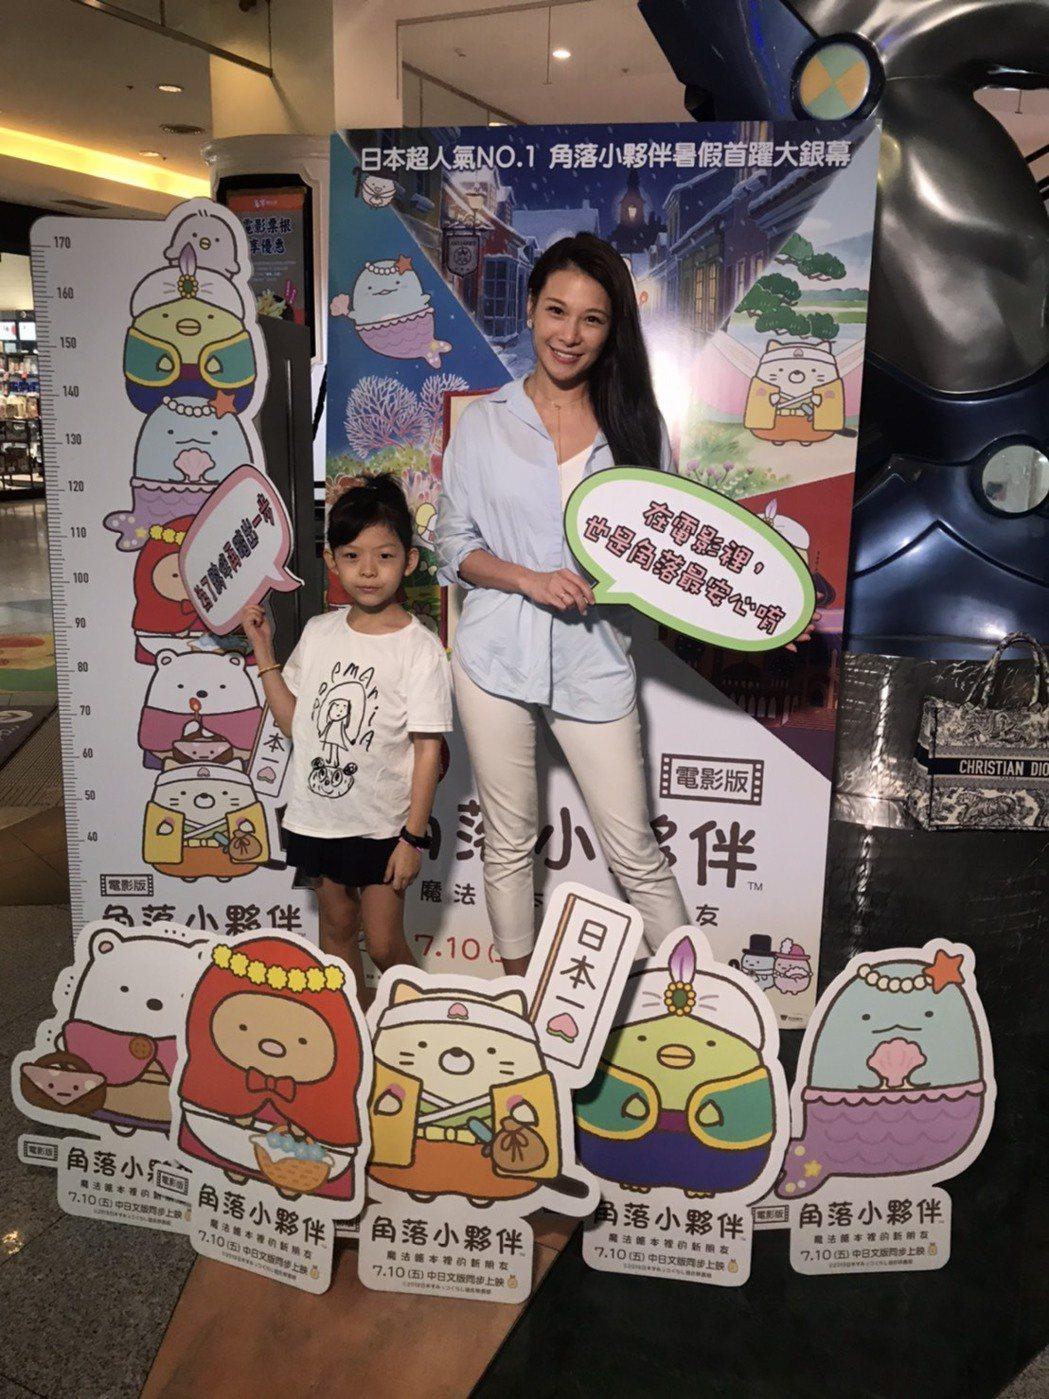 愛莉絲帶著女兒一起來欣賞「角落小夥伴電影版」。圖/威視提供